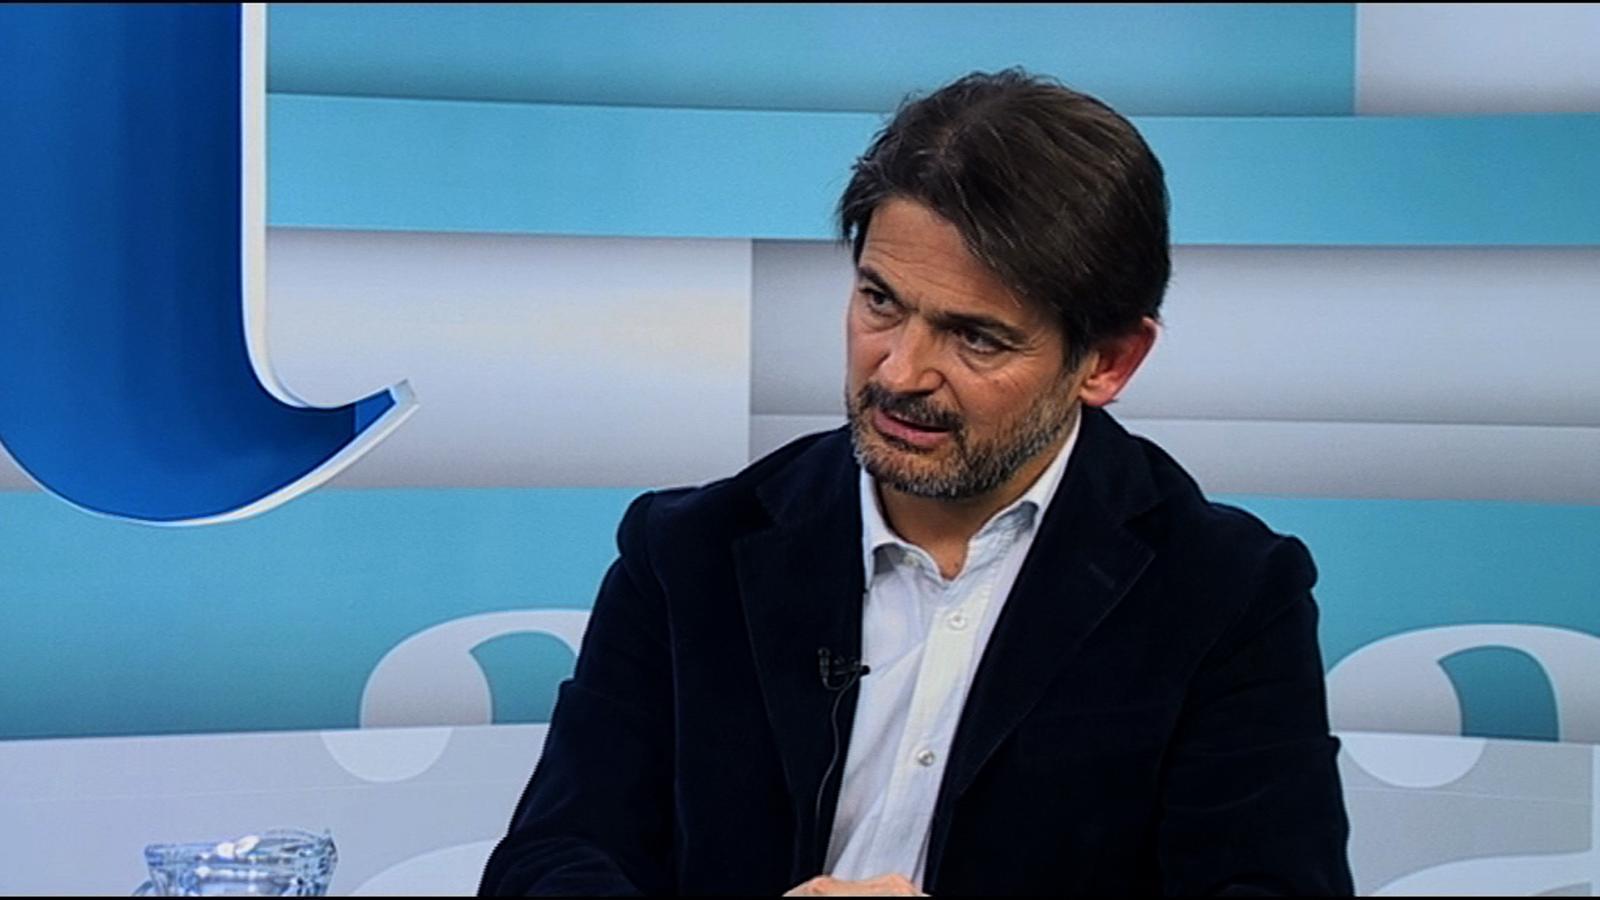 Oriol Pujol: Hi ha un dèficit fiscal insuportable i asfixiant per a Catalunya. I això, cal resoldre-ho